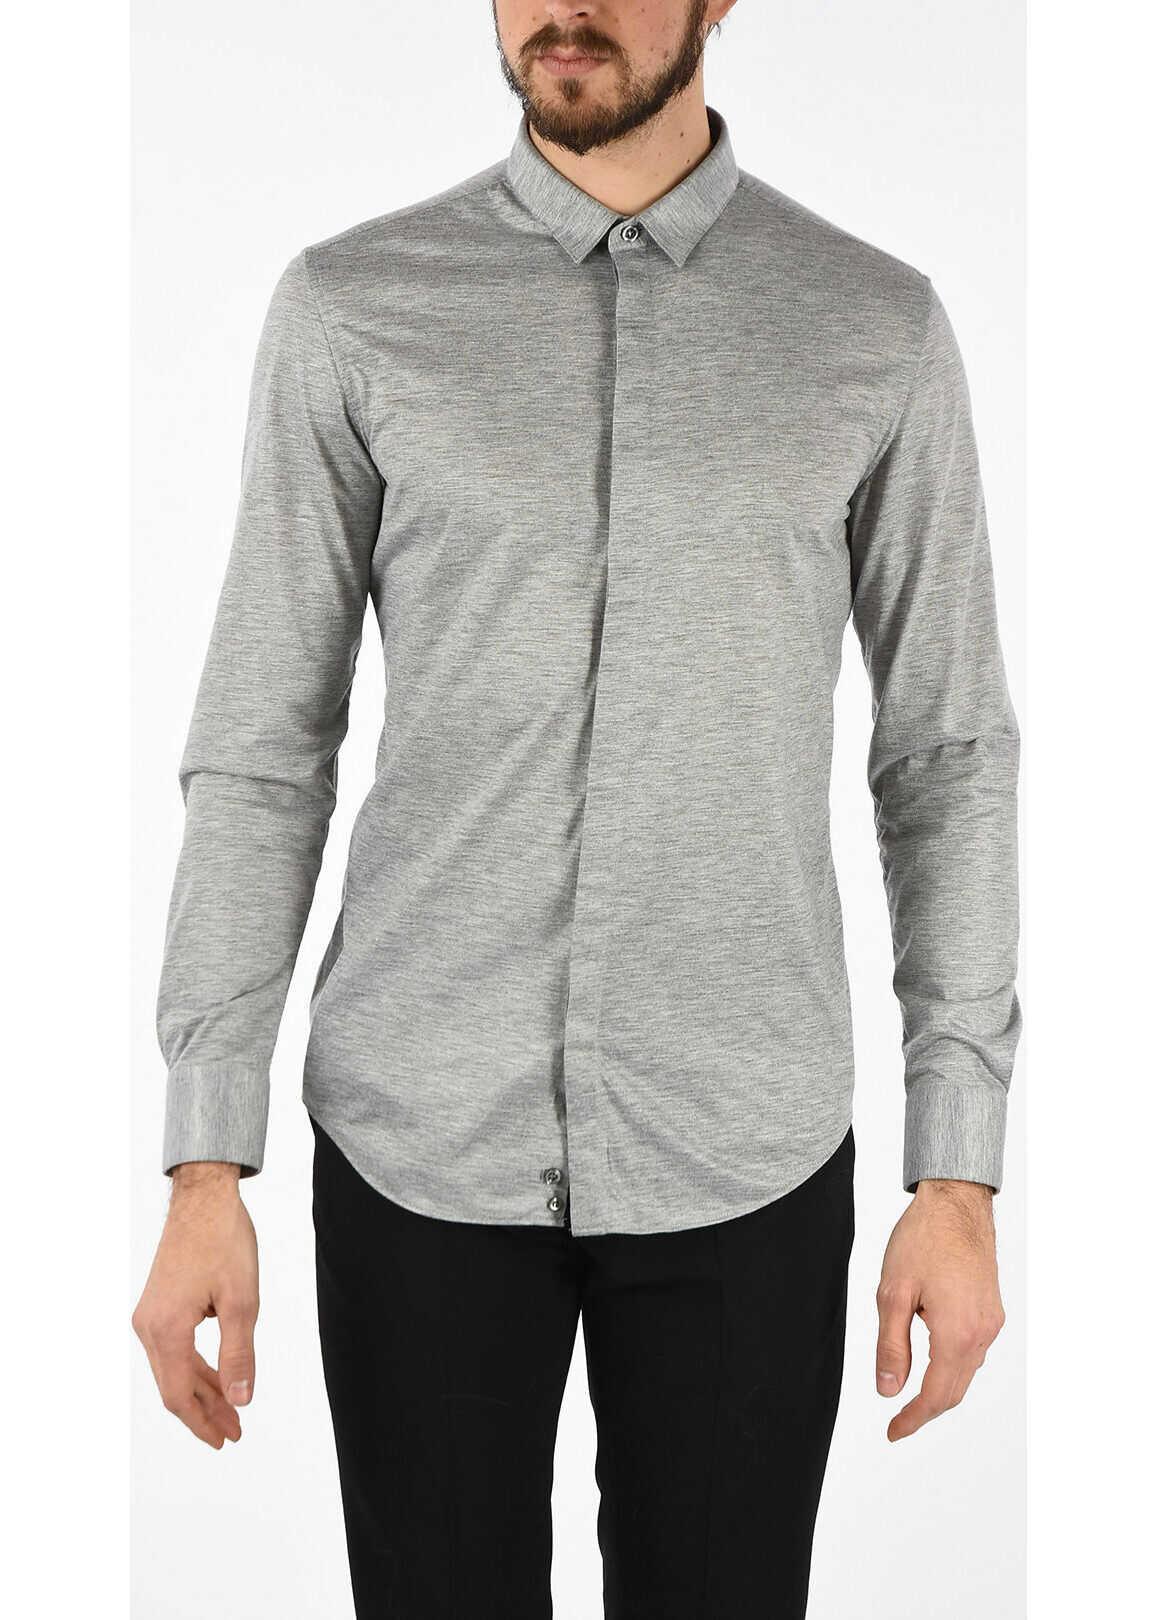 Armani EMPORIO Shirt with Hidden Buttons GRAY